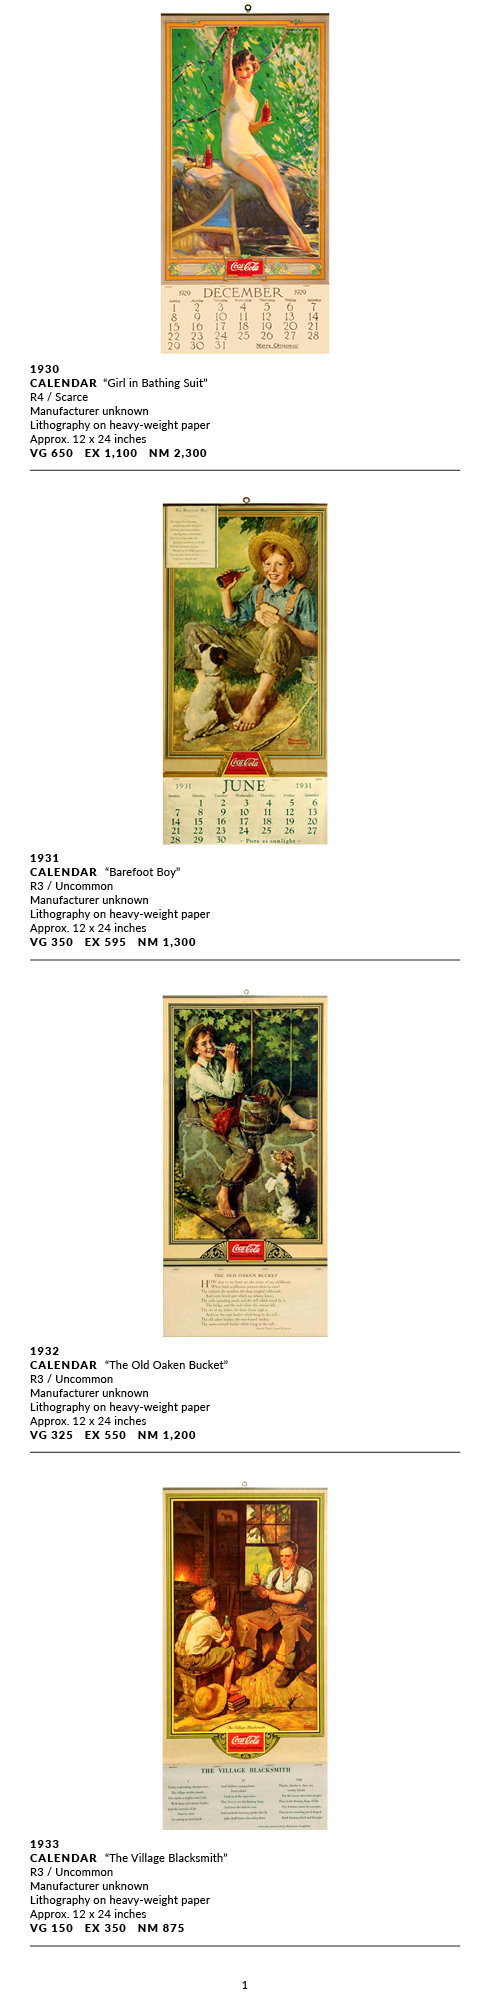 Calendars 1930-1969 (2021).jpg